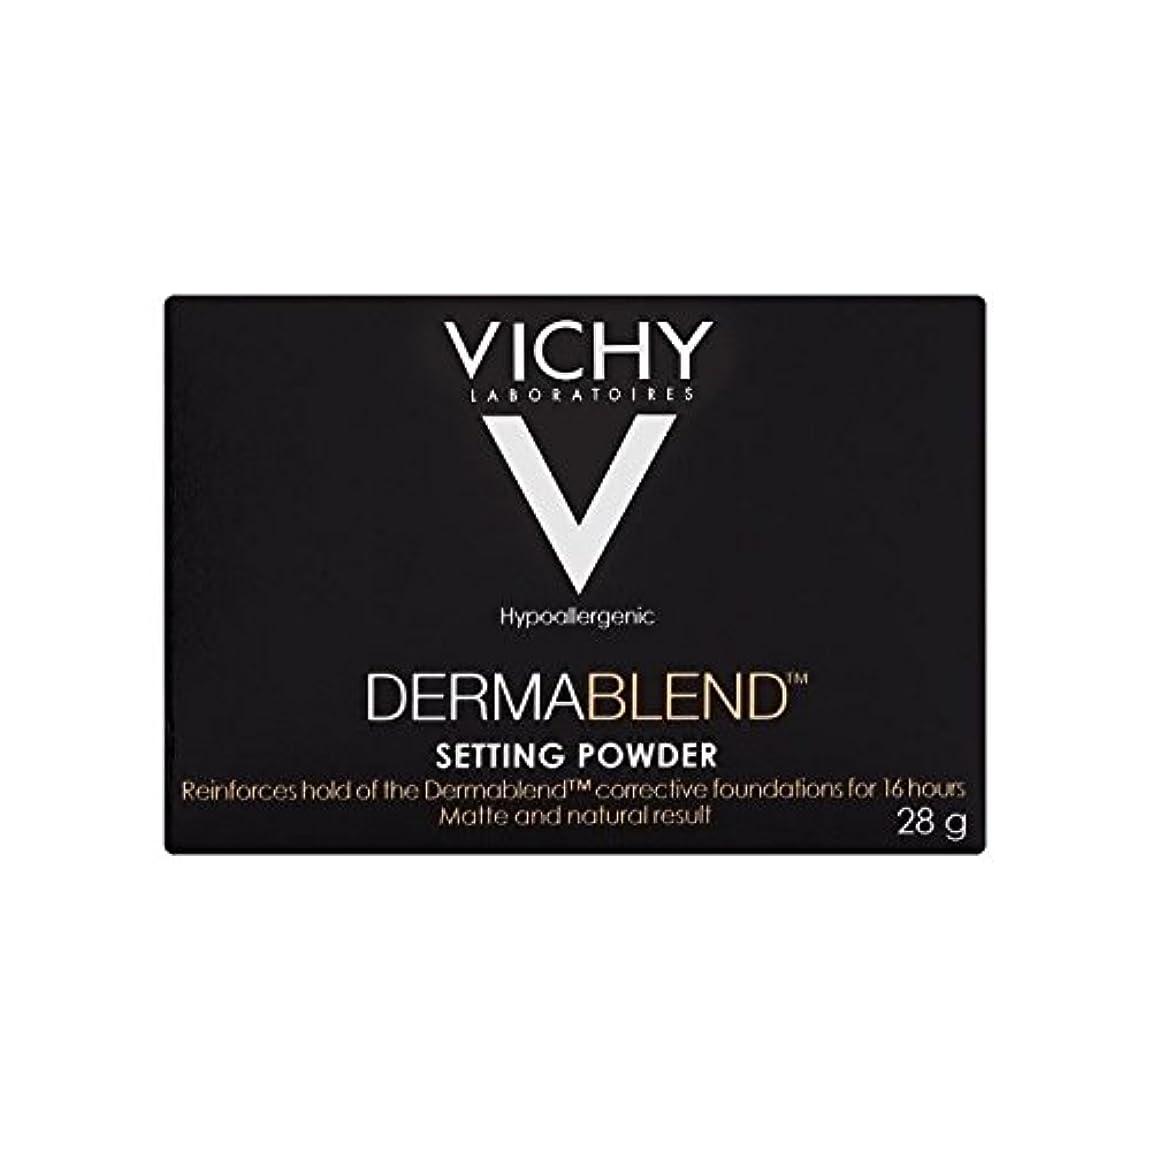 空白埋め込むどちらもヴィシー設定粉末28グラム x2 - Vichy Dermablend Setting Powder 28g (Pack of 2) [並行輸入品]